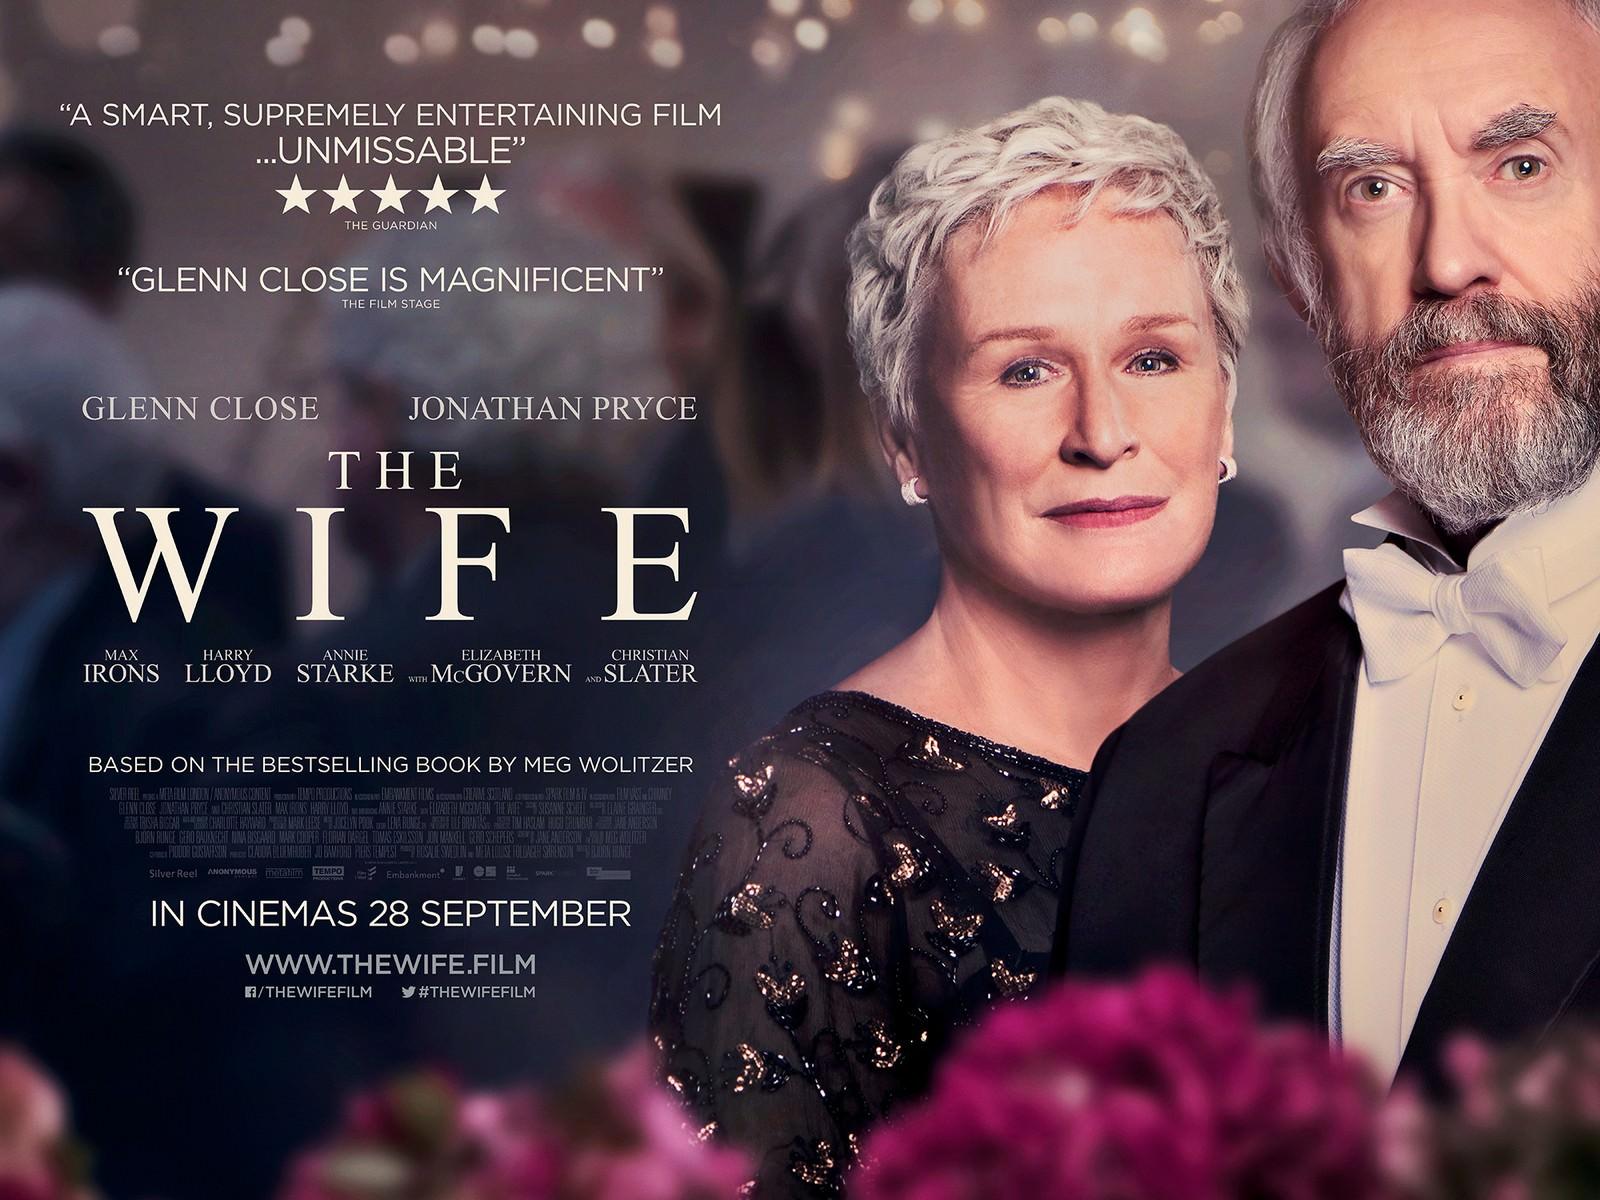 Movie, The Wife(英國, 2017年) / 愛.欺(台灣) / 贤妻(網路), 電影海報, 英國, 橫版